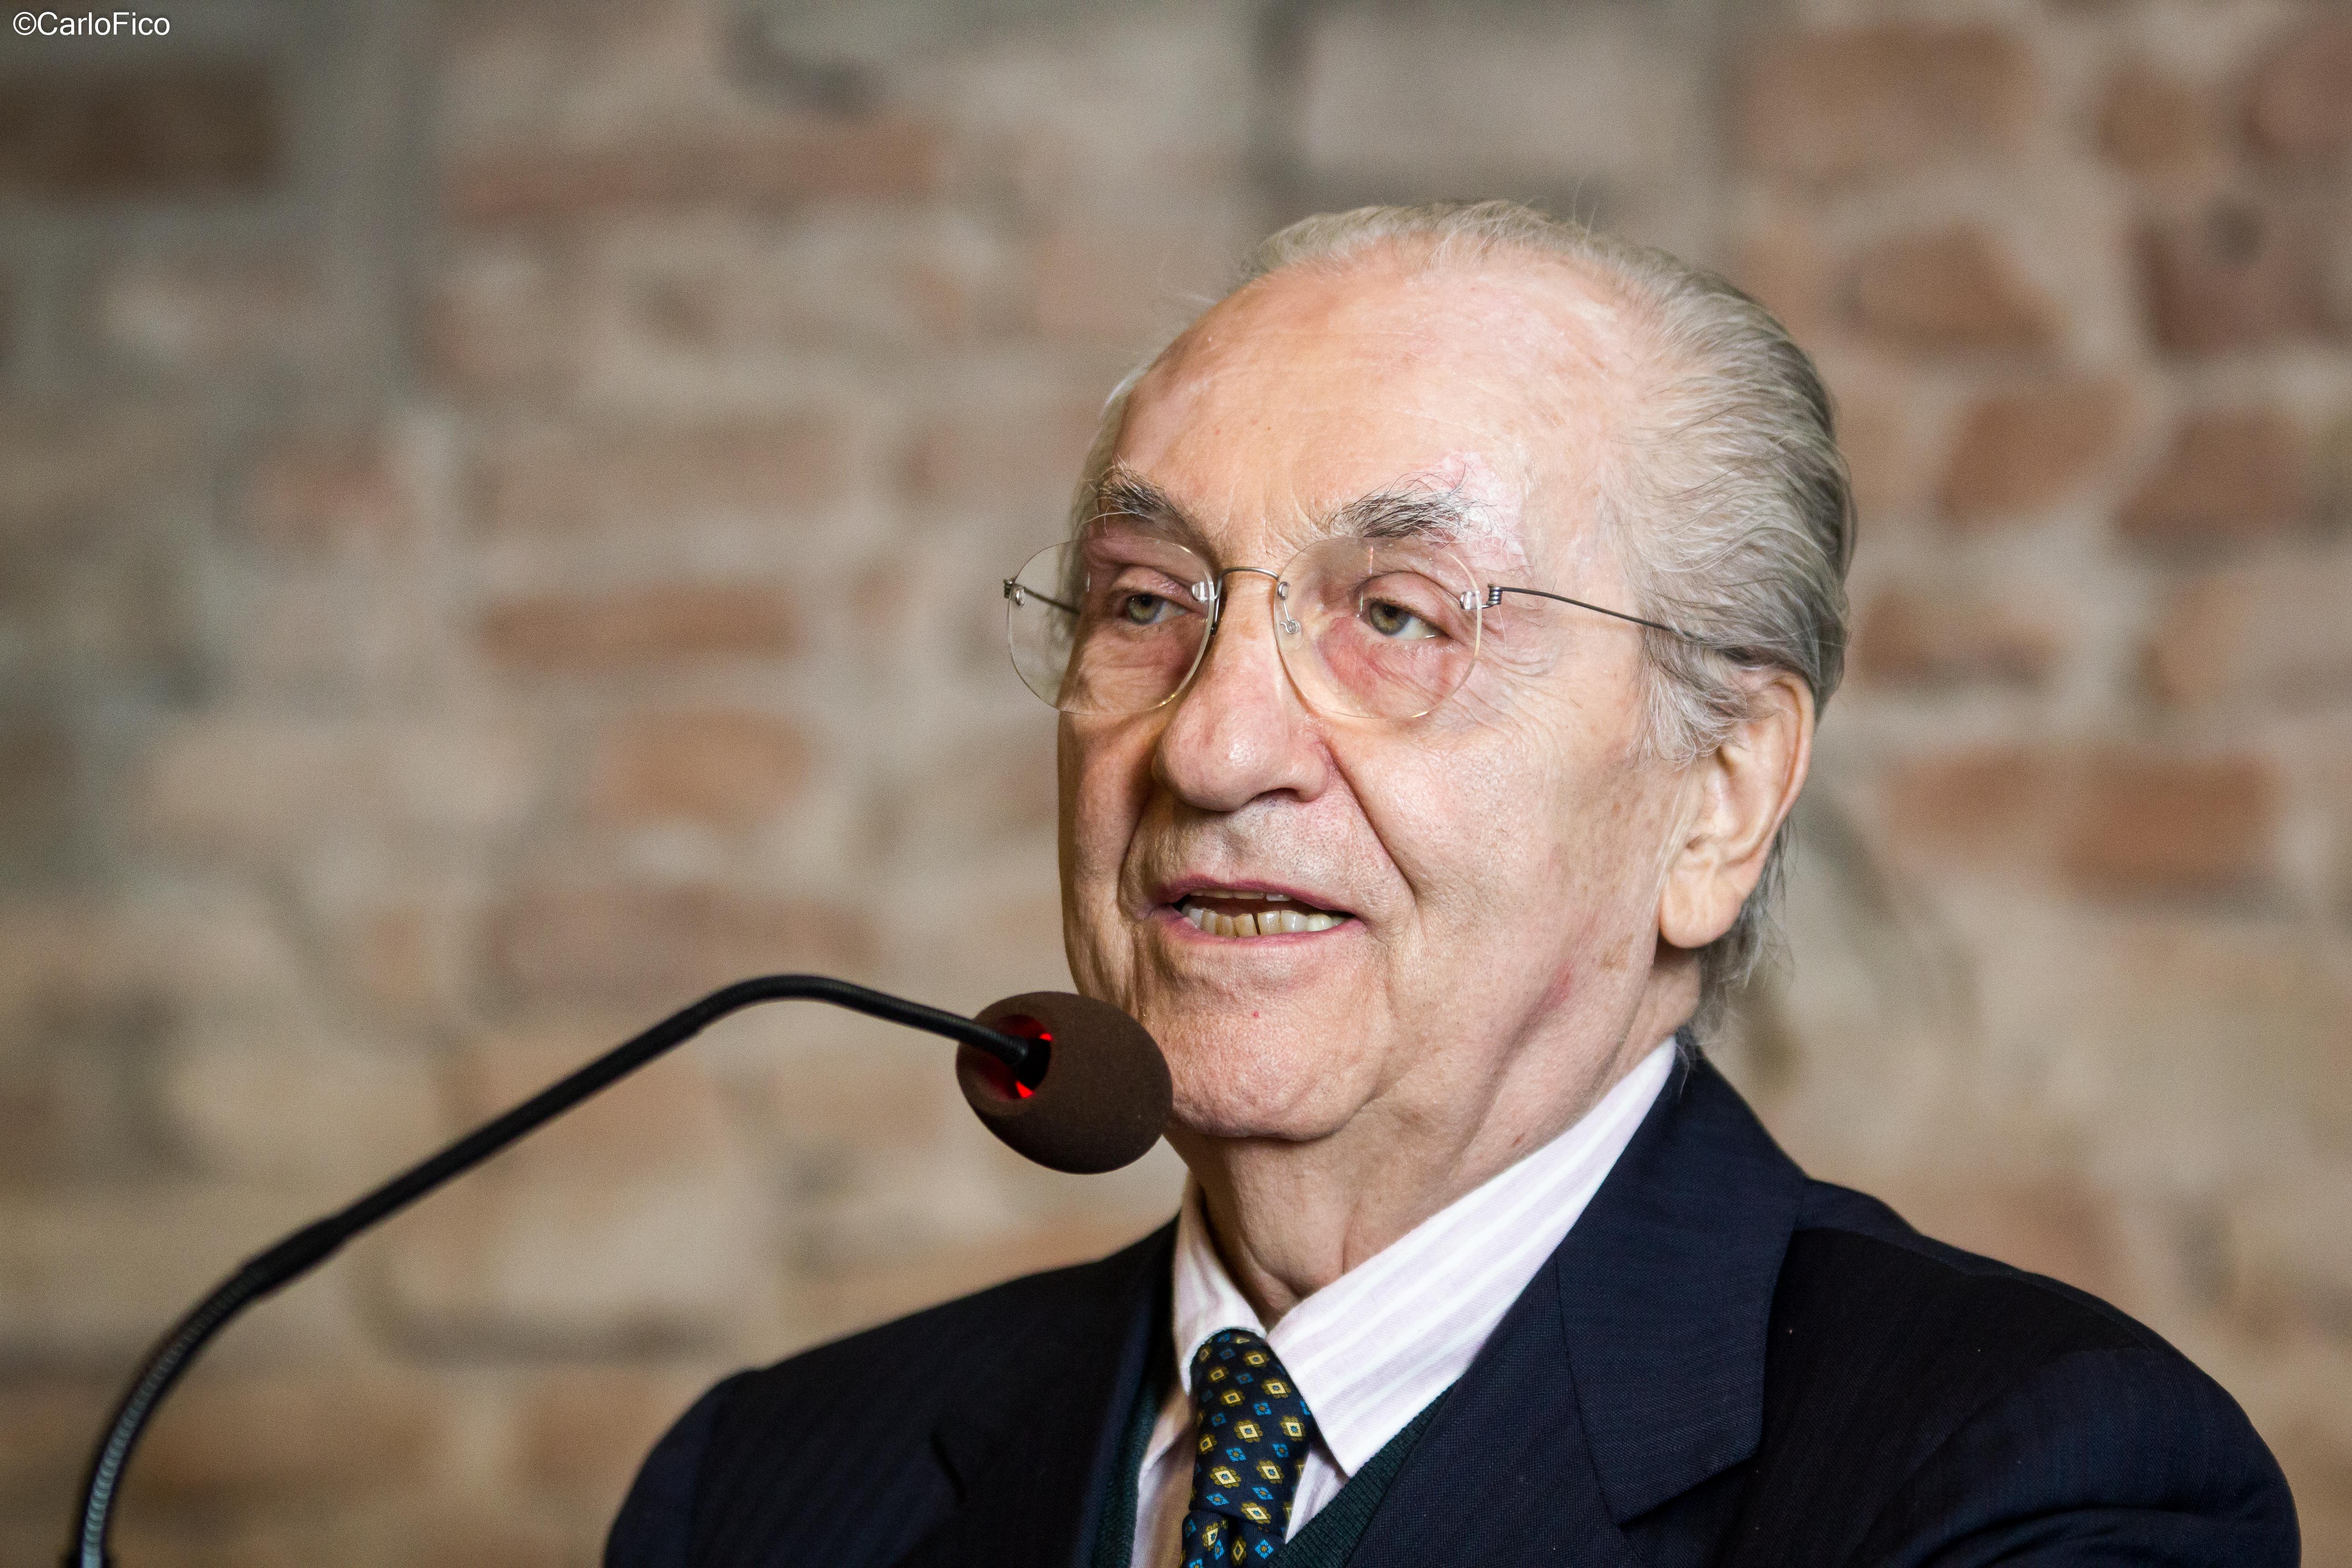 Gualtiero Marchesi. Credits Carlo Fico